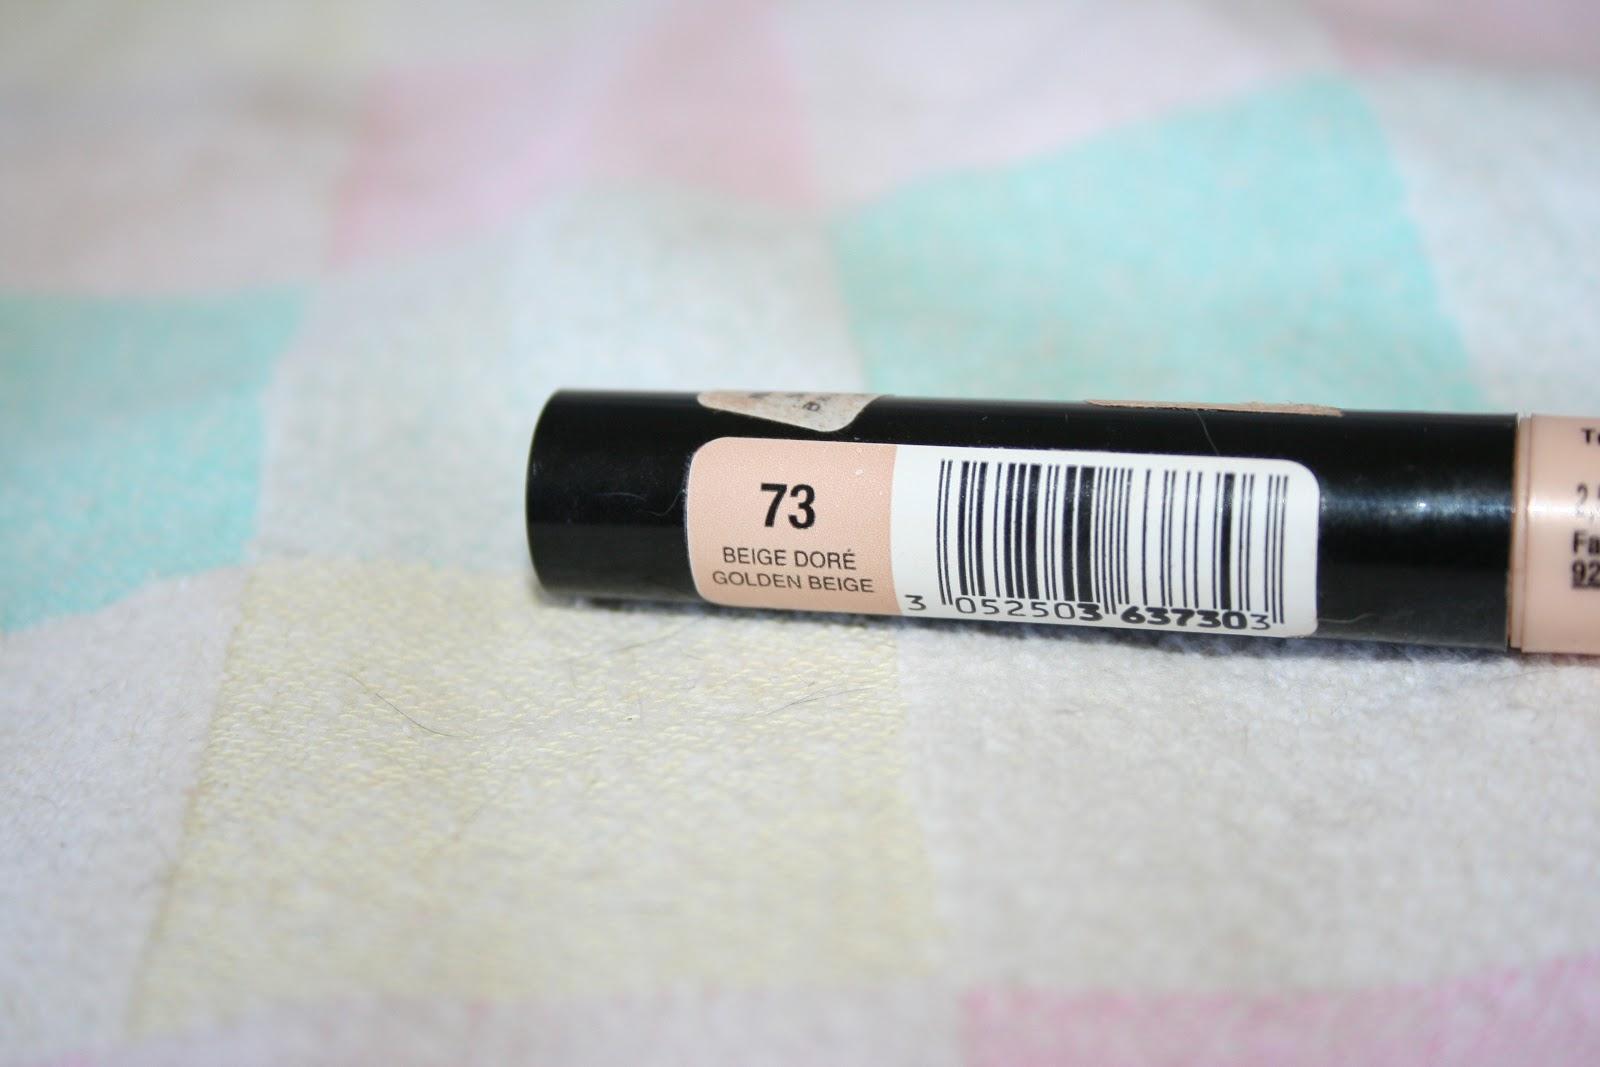 lexy 39 s make 39 up 123 perfect bourjois concealer 73 beige dore. Black Bedroom Furniture Sets. Home Design Ideas